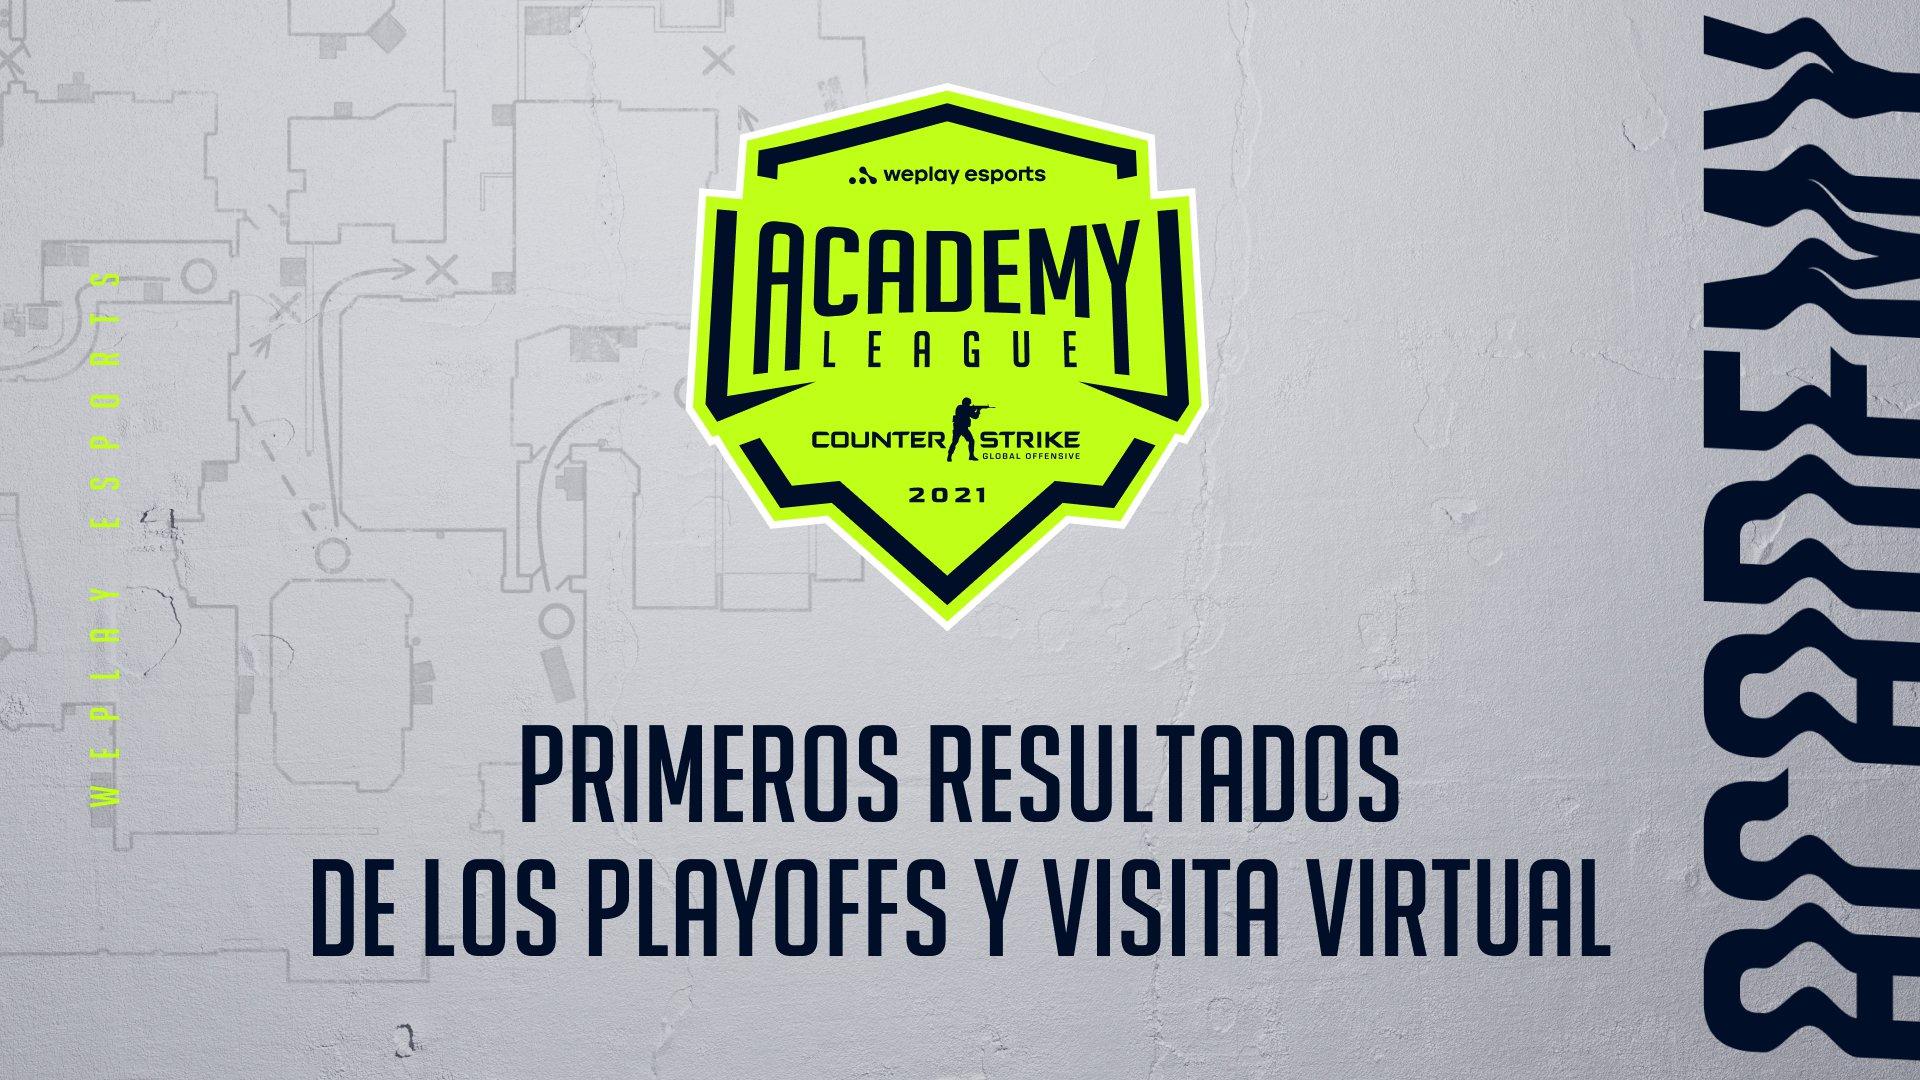 Temporada 1 de la WePlay Academy League: primeros resultados de los Playoffs y visita virtual. Imagen: WePlay Holding